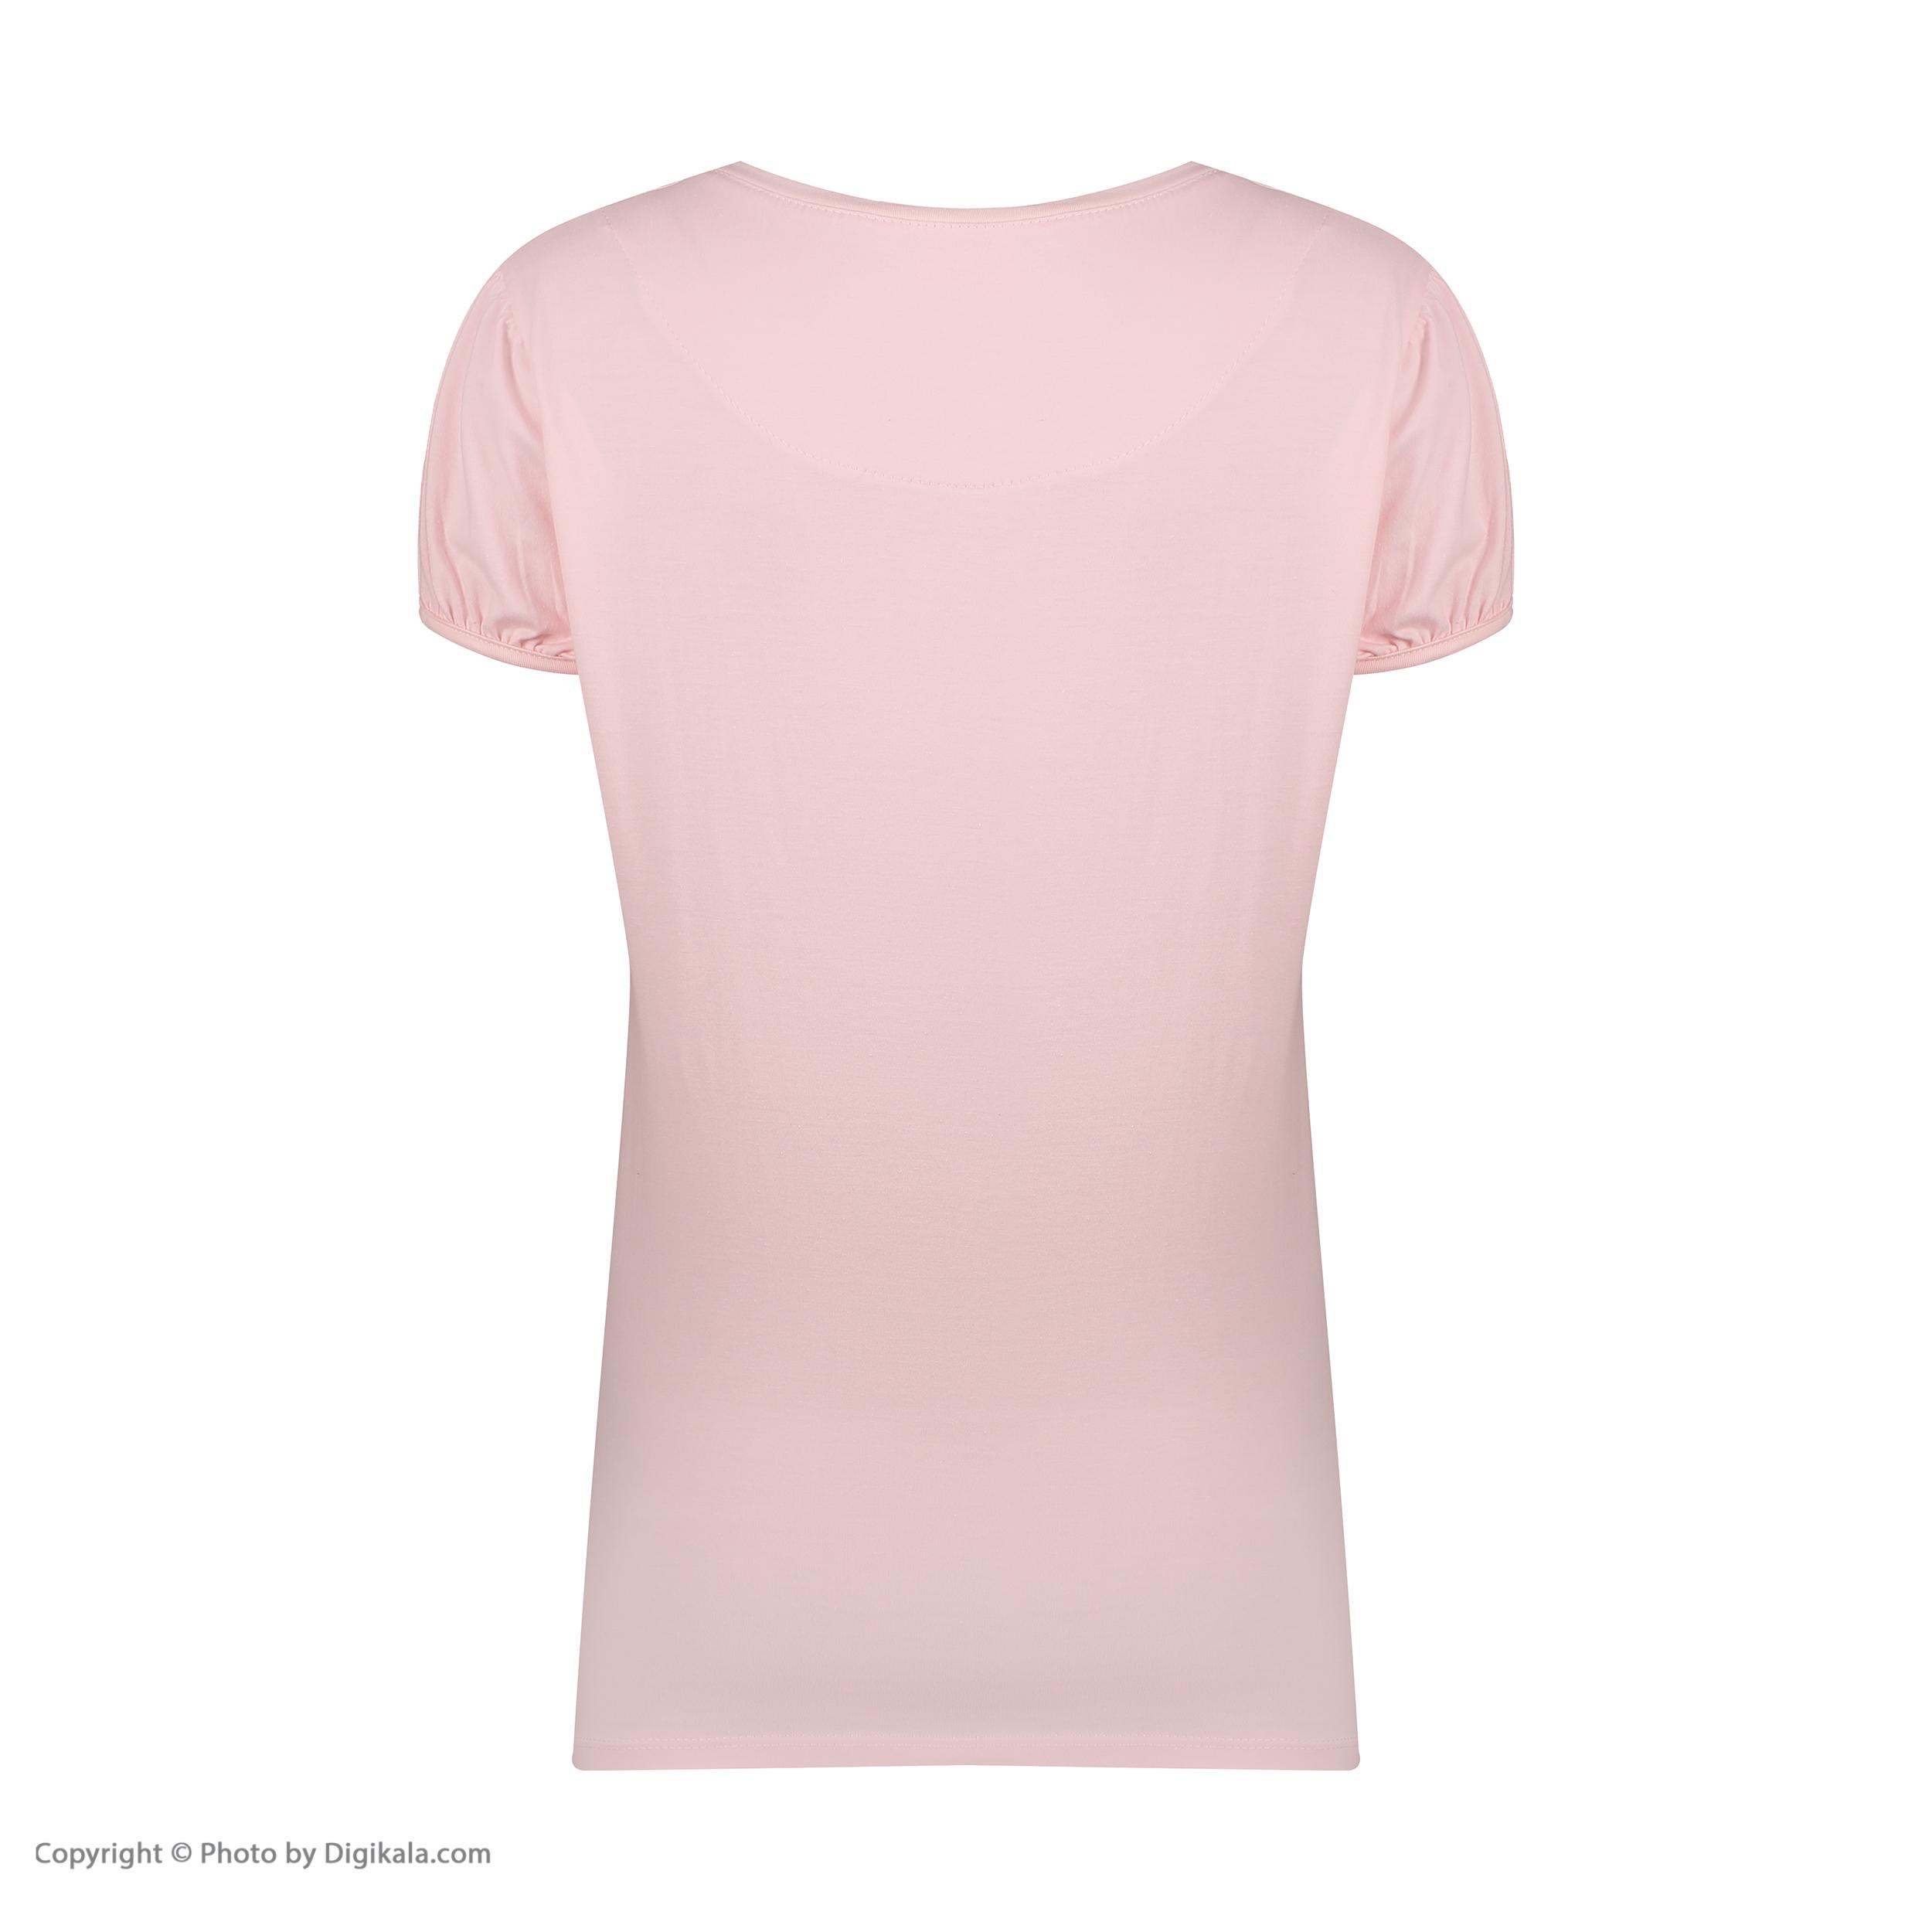 ست تی شرت و شلوار راحتی زنانه مادر مدل 2041104-84 -  - 6